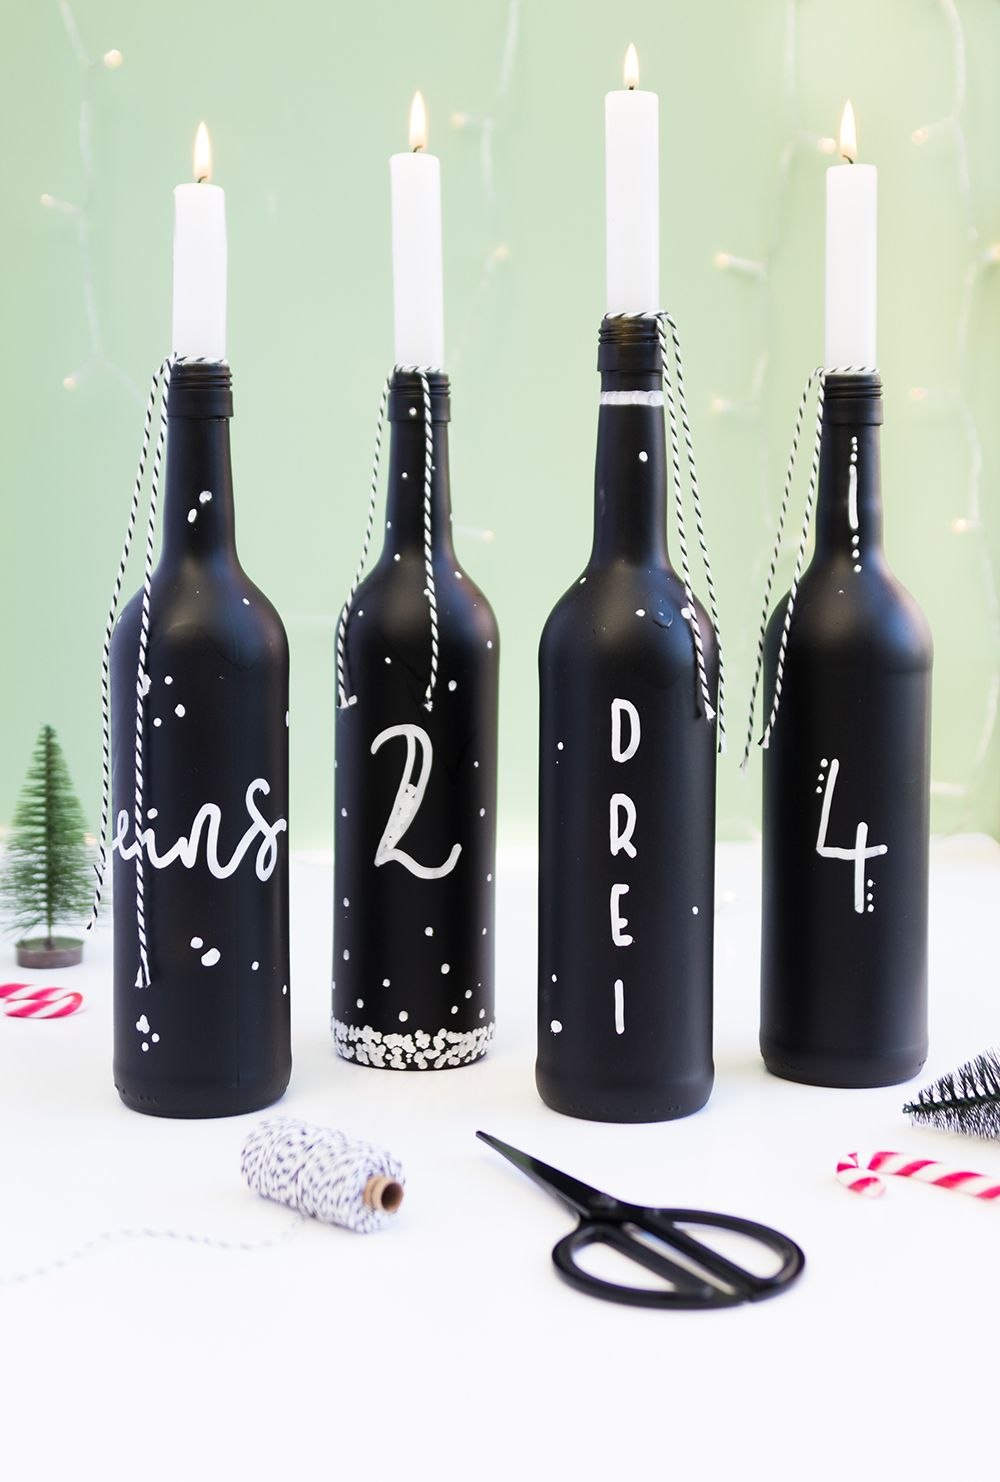 Adventskranz aus Flaschen für Weihnachten basteln